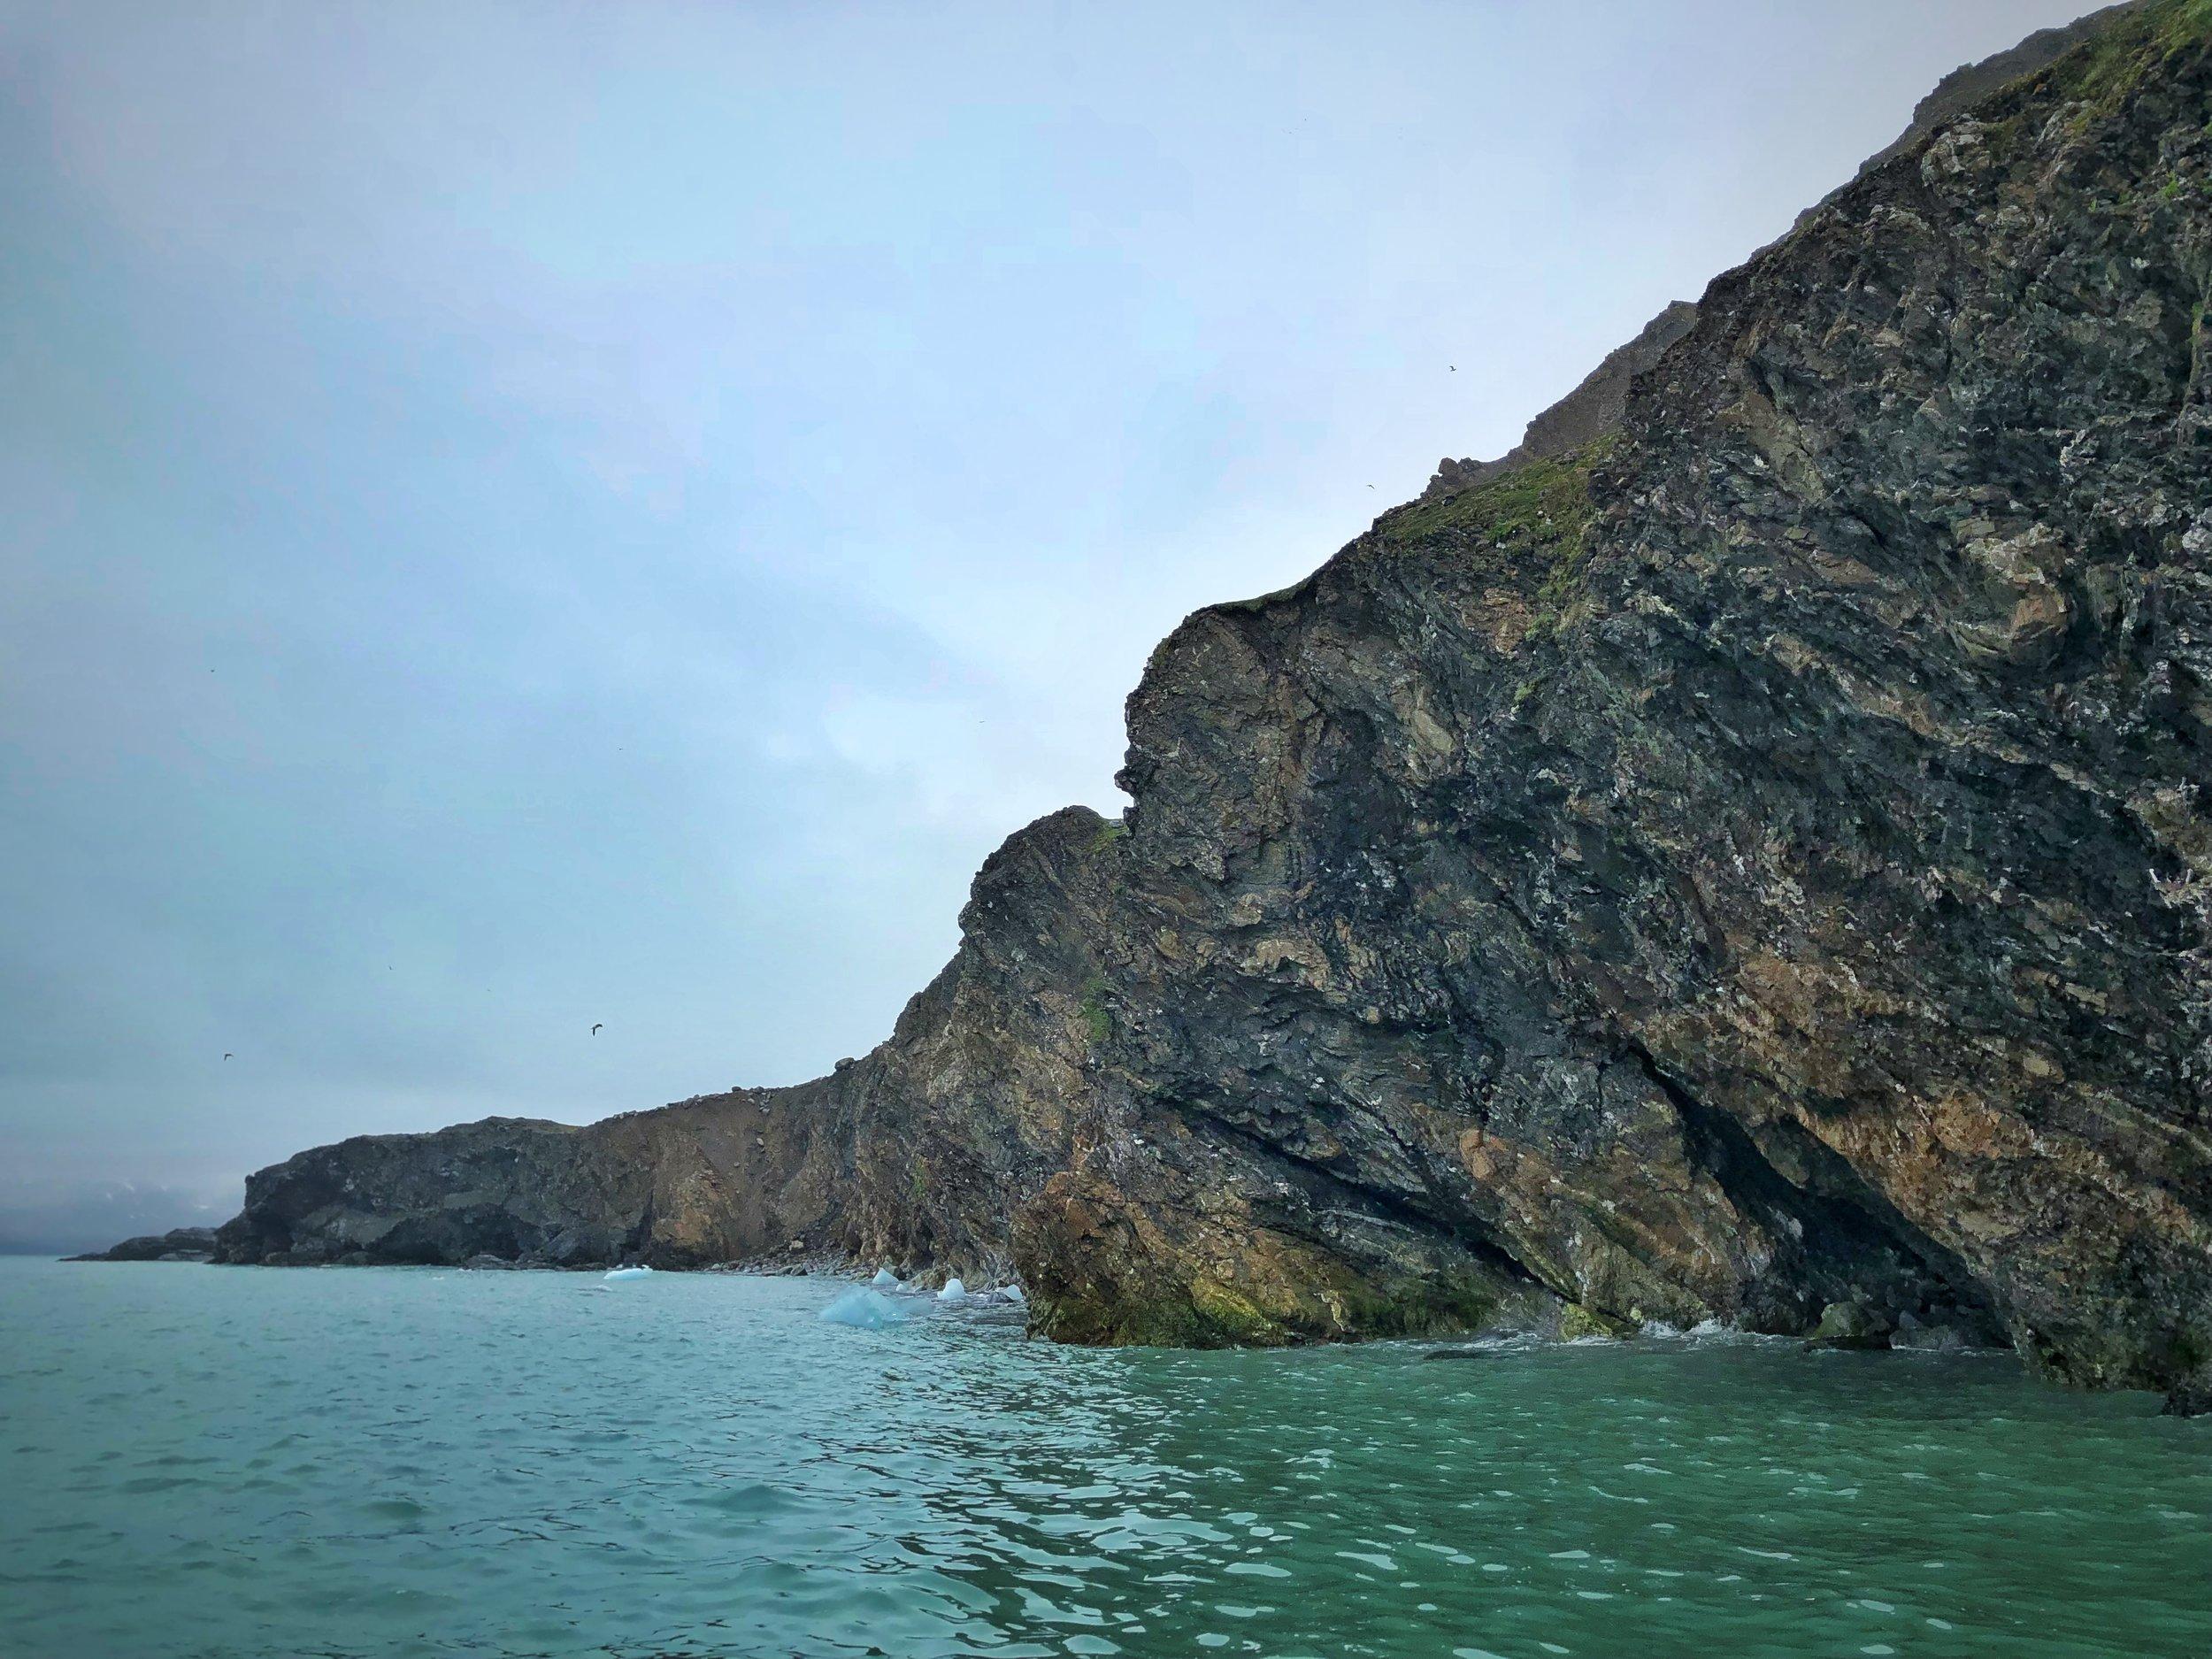 Puffin Cliffs —Fjortende Julibreen